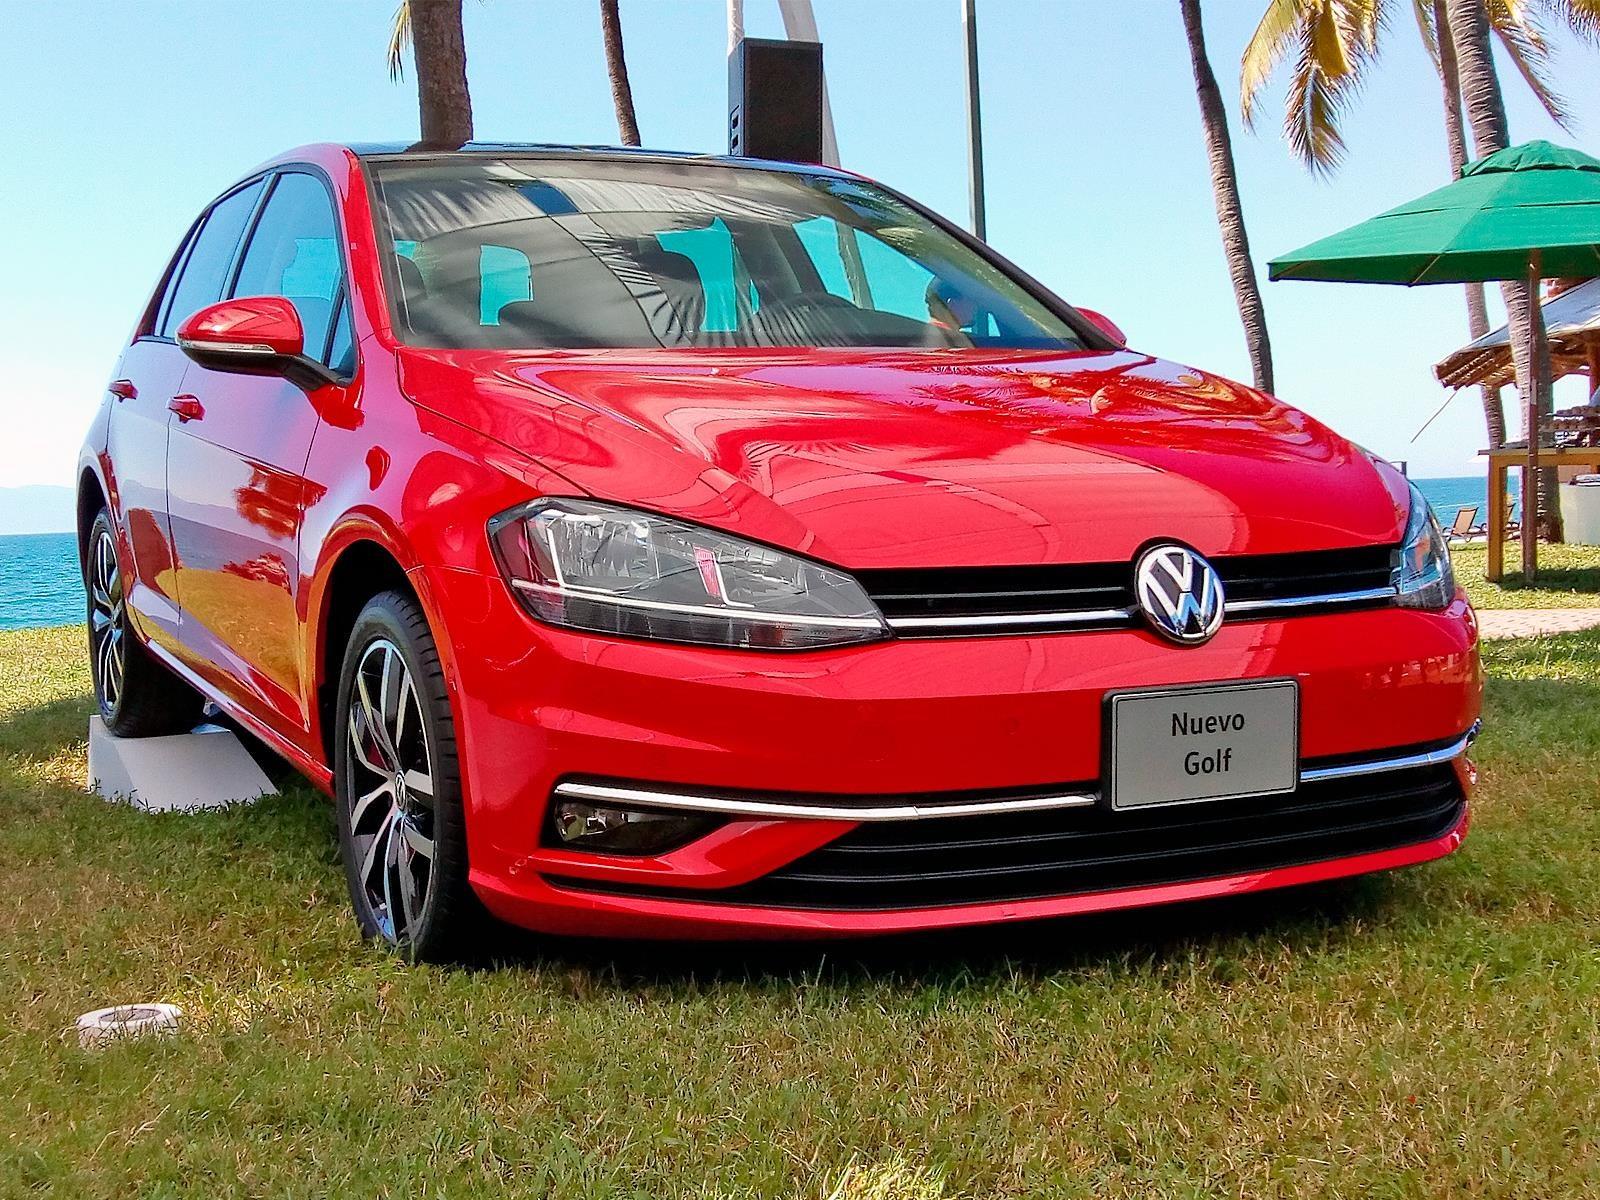 Volkswagen Golf 2018 Llega A M 233 Xico Desde 308 990 Pesos